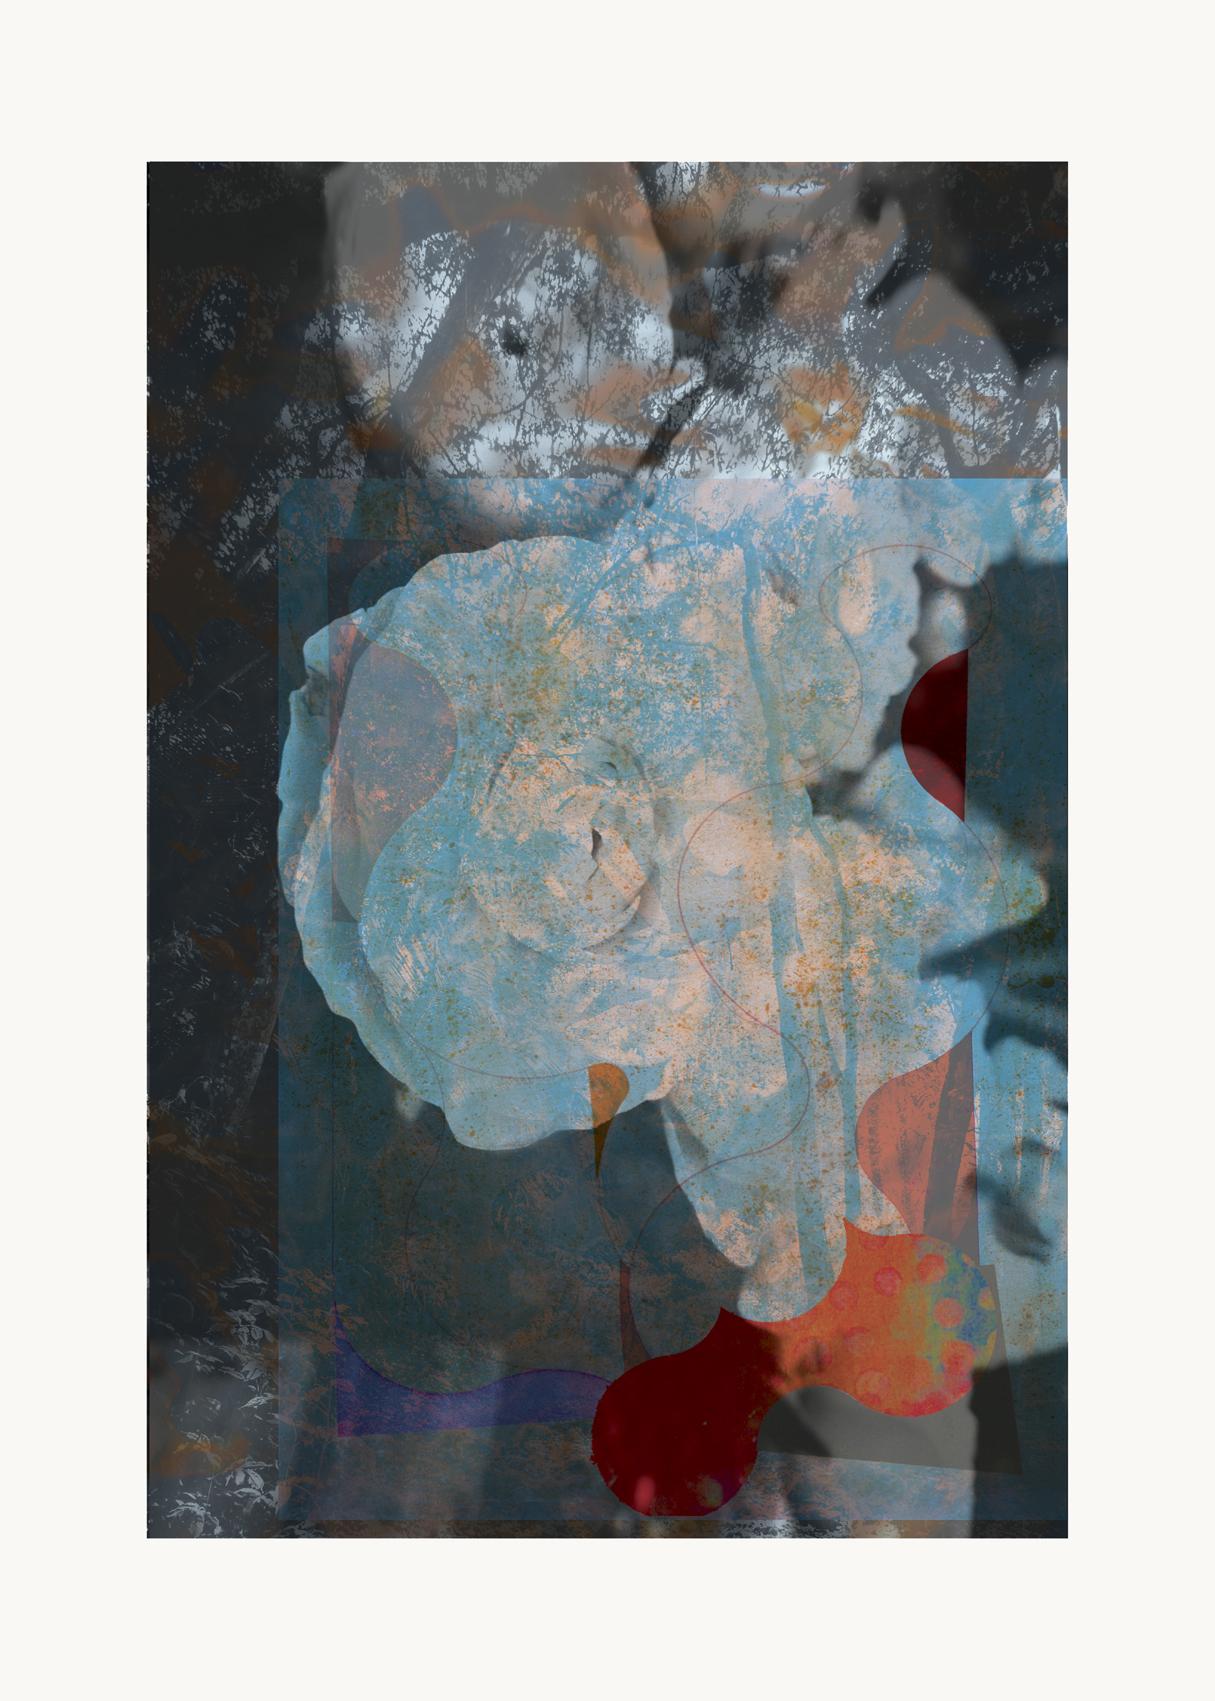 flower 20-Contemporary , Abstract, Gestual, Street art, Pop art, Modern,